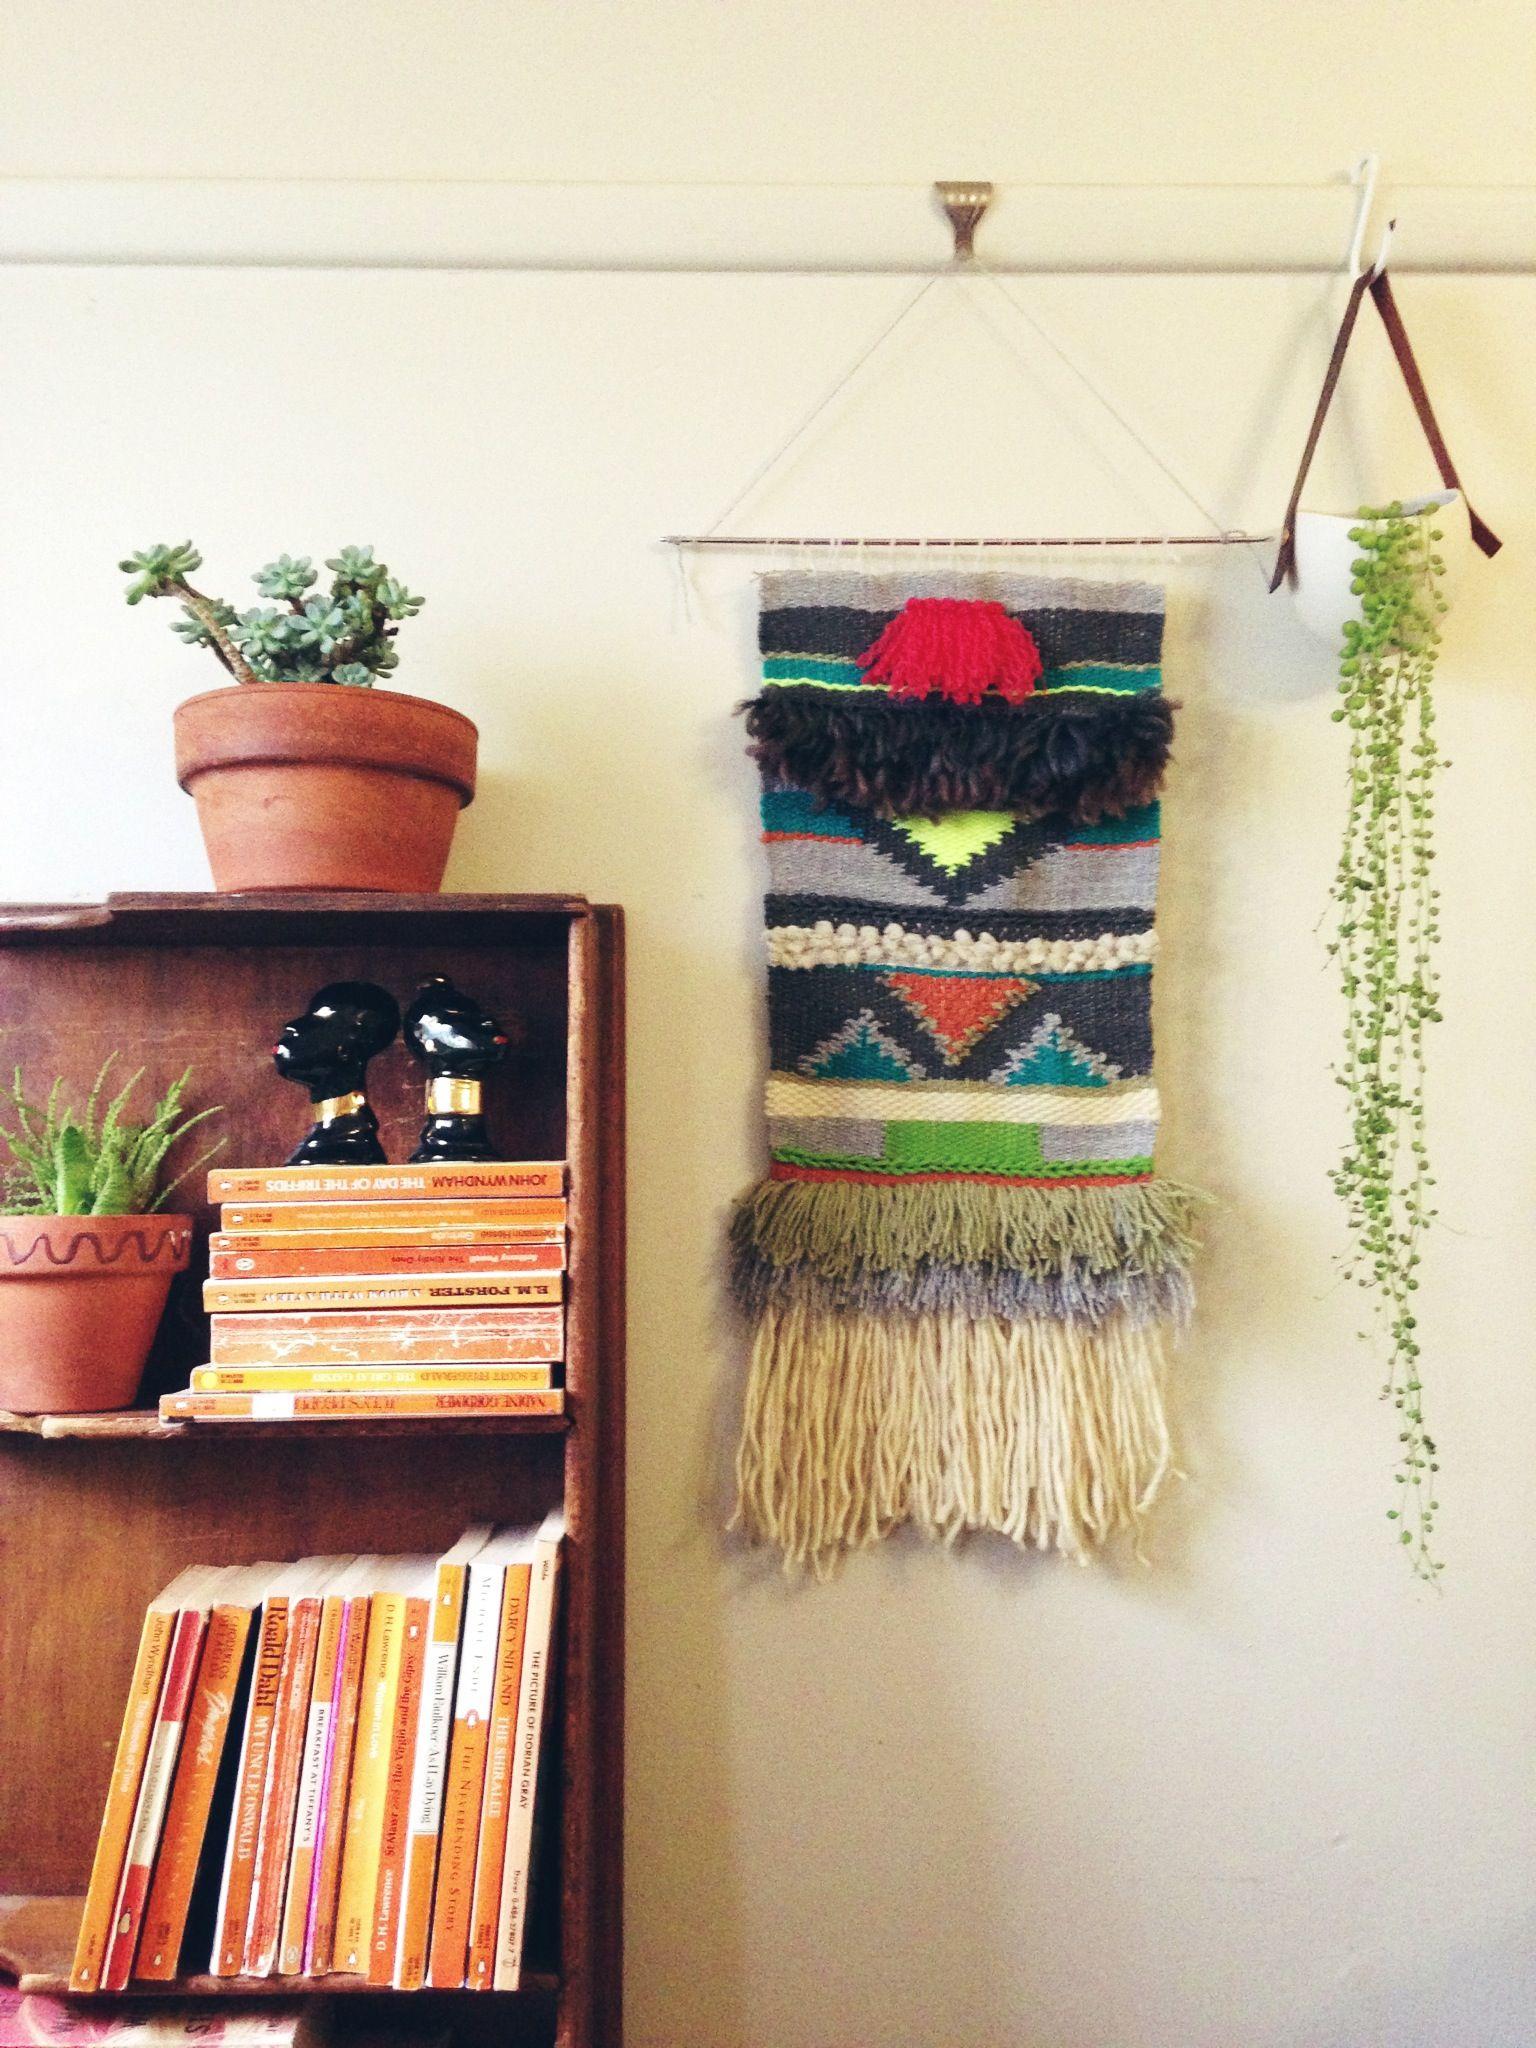 Weaving by Maryanne Moodie ✌